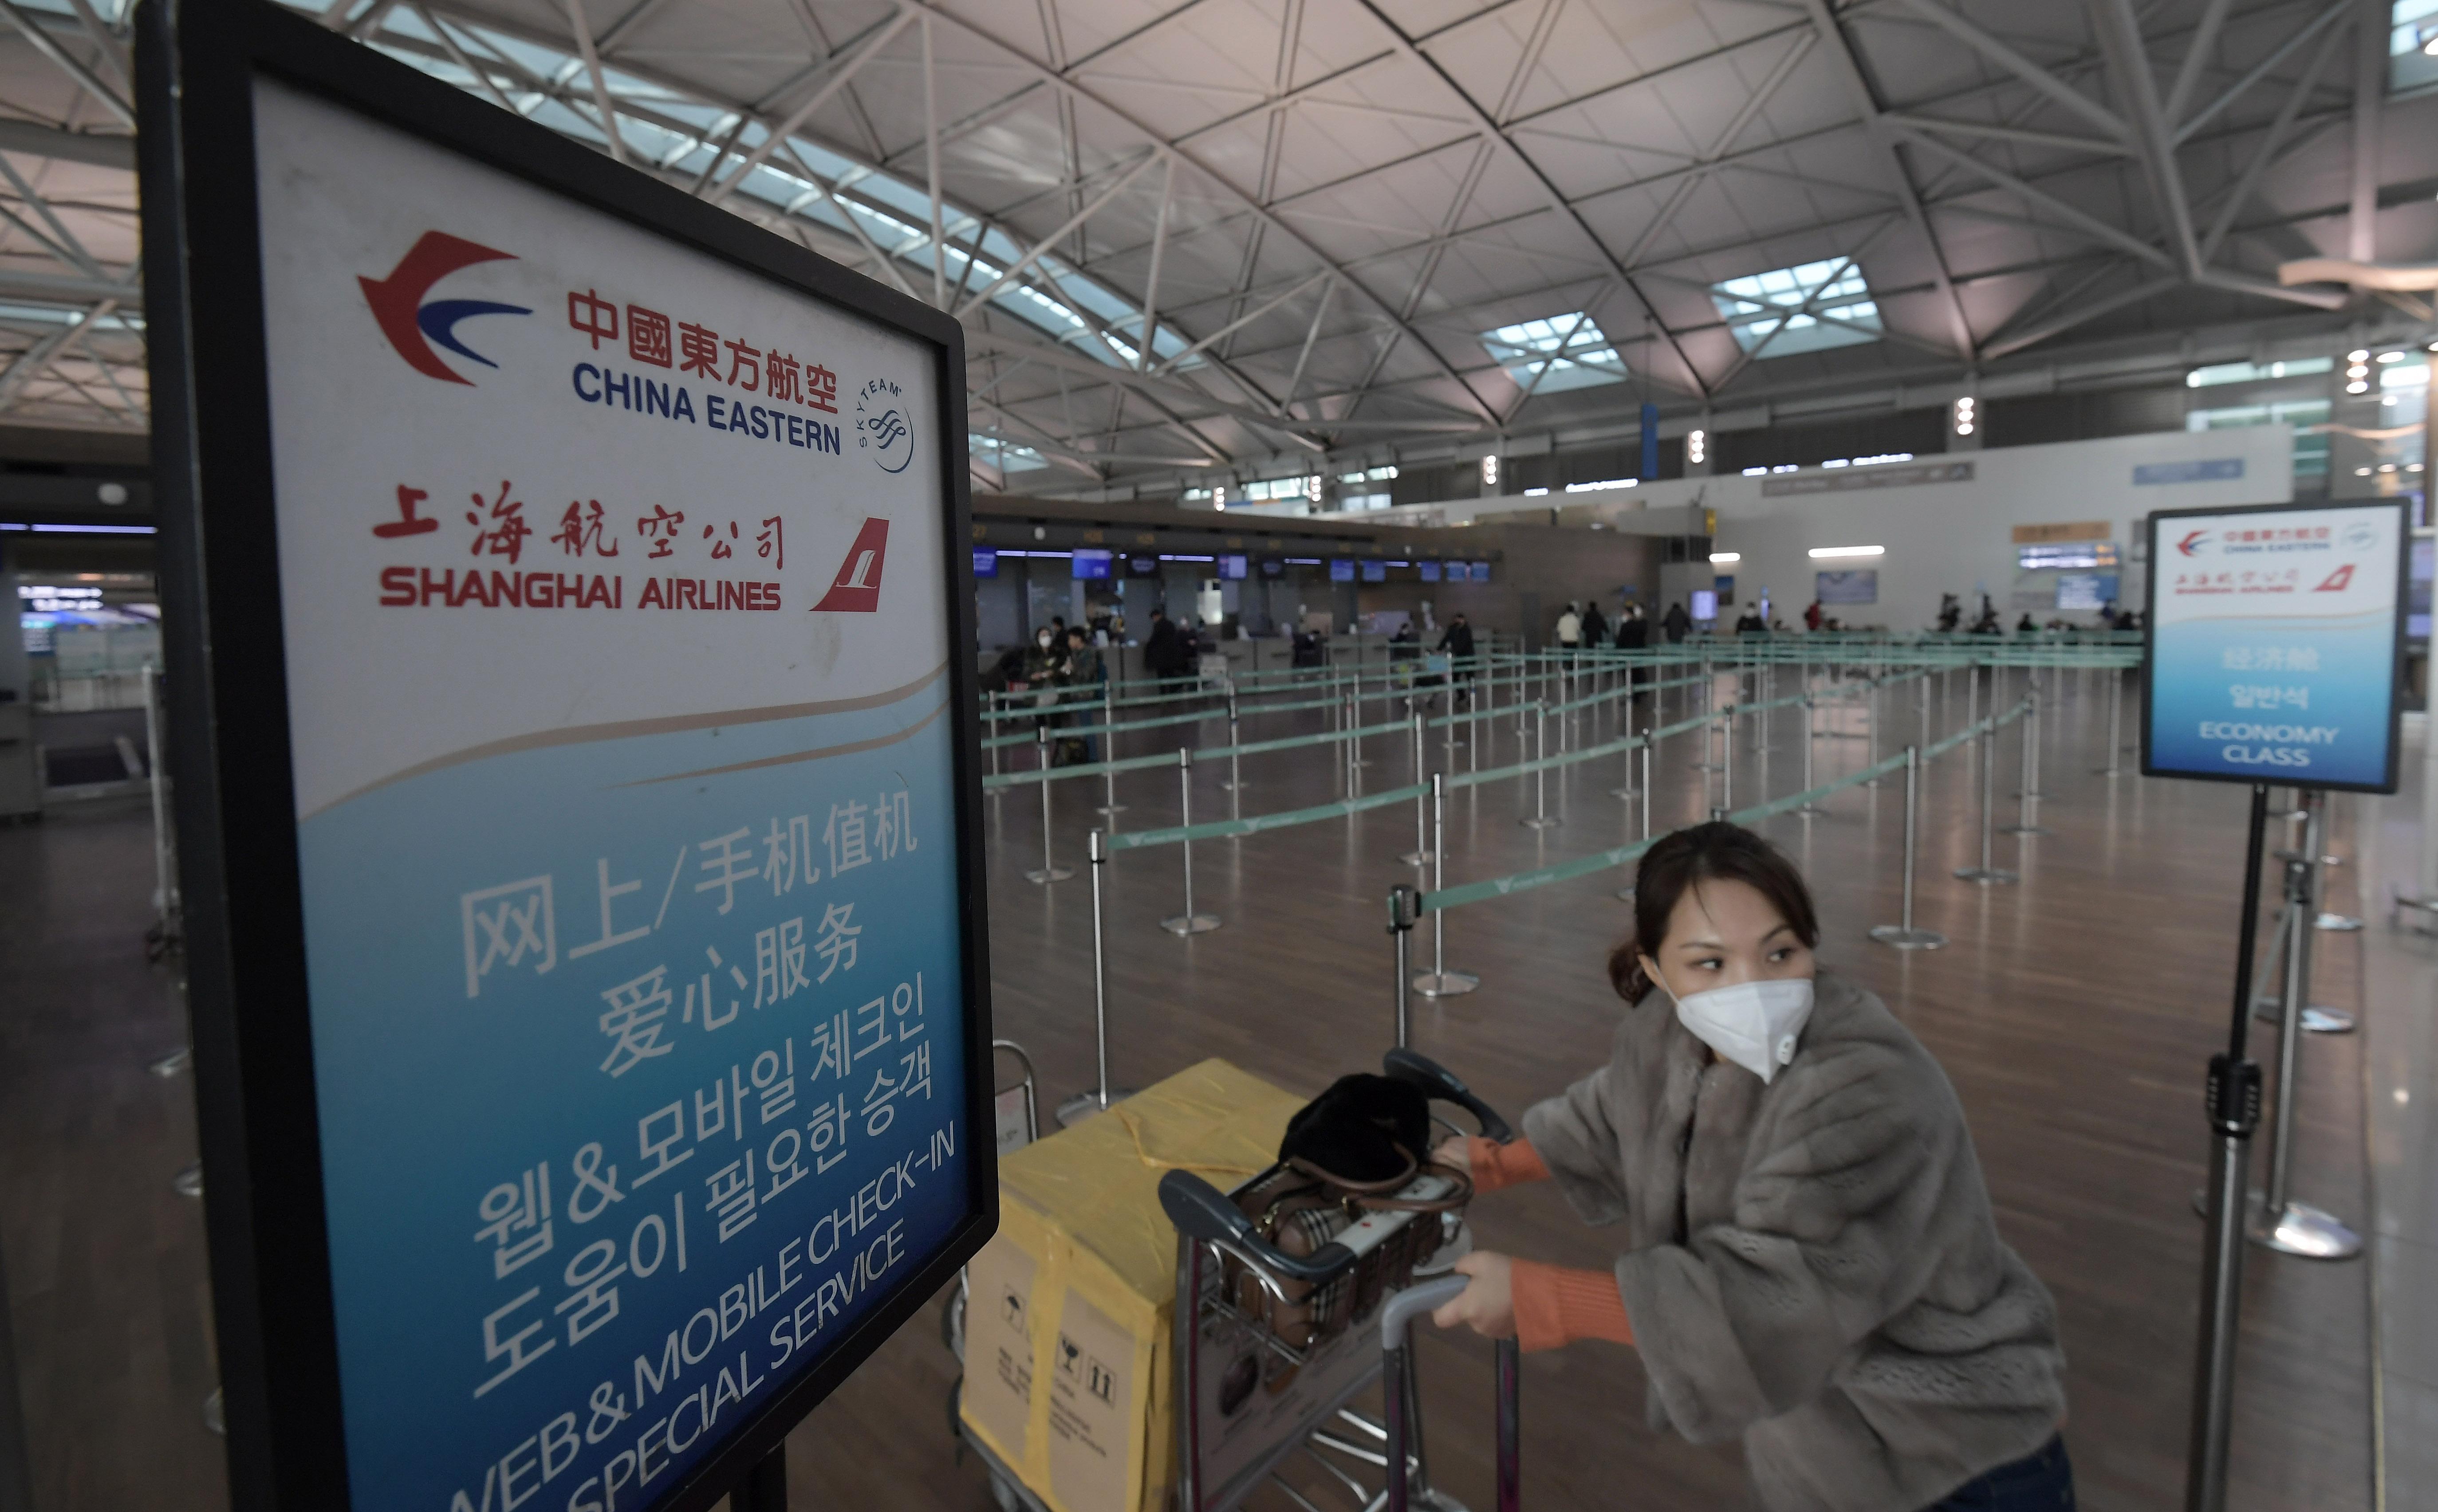 韩国发布赴华旅游安全预警